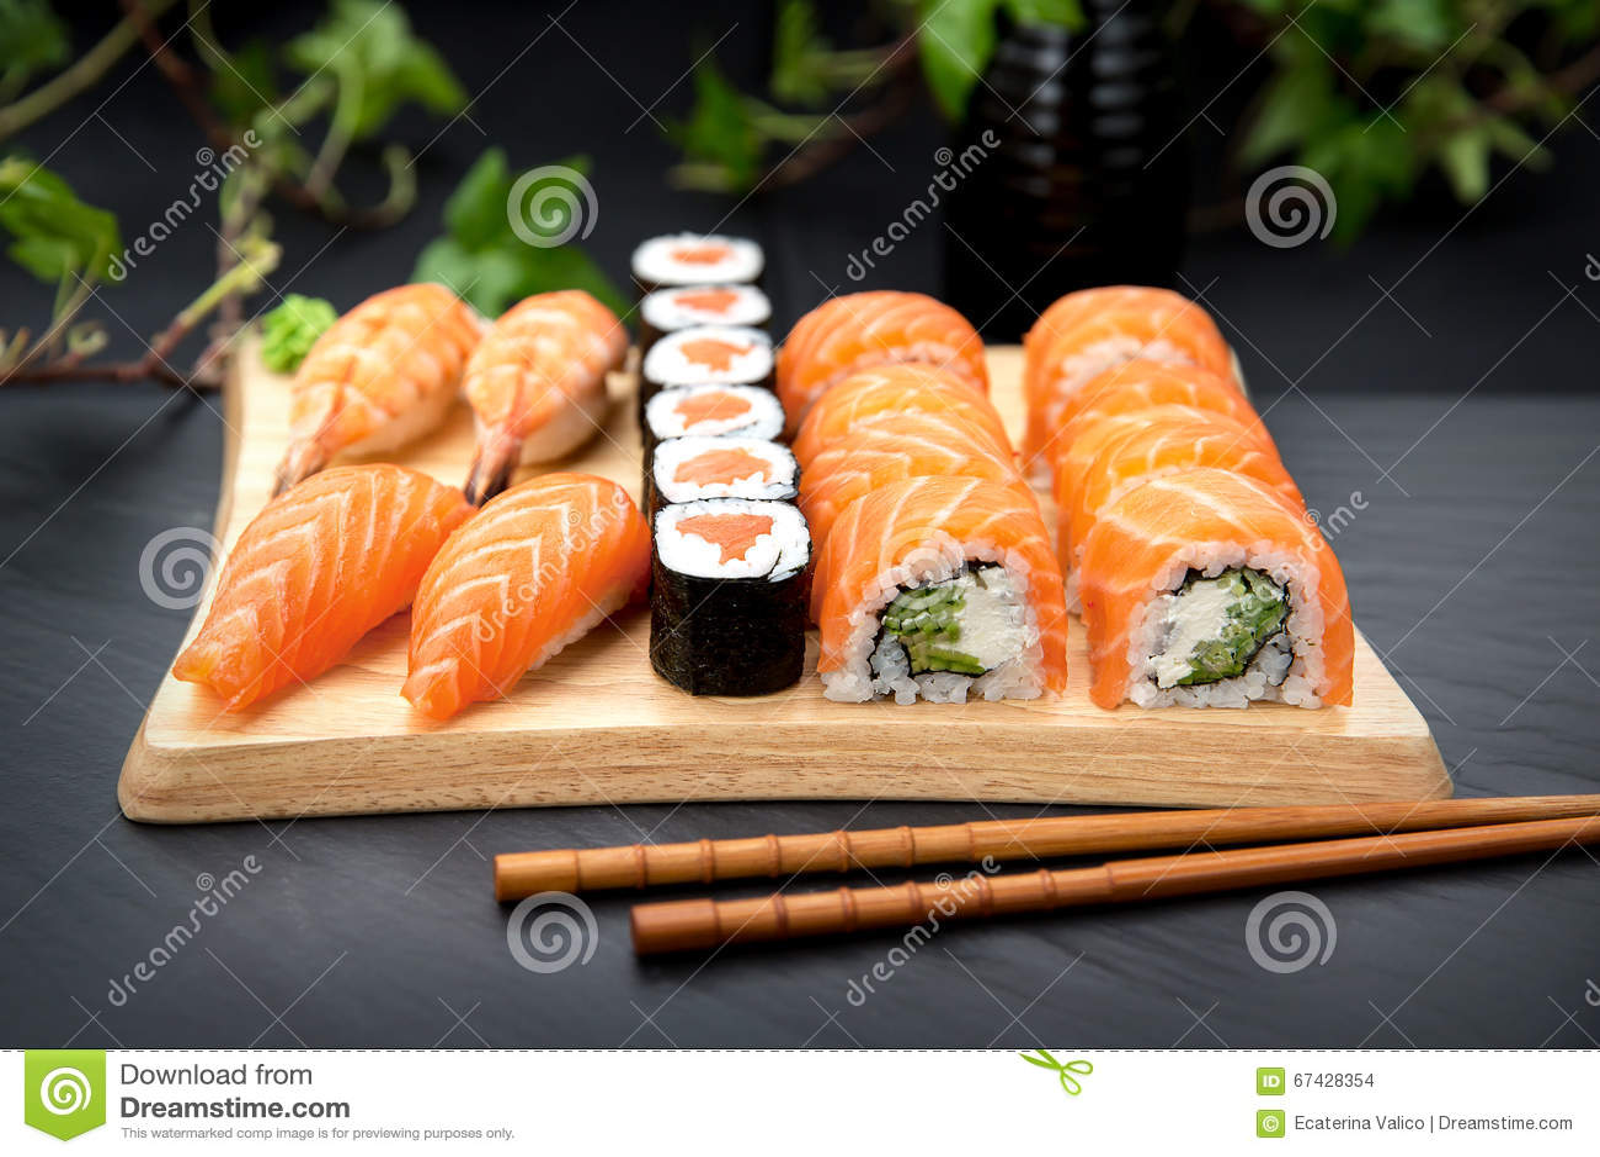 Sushi set Traditional Japanese Food